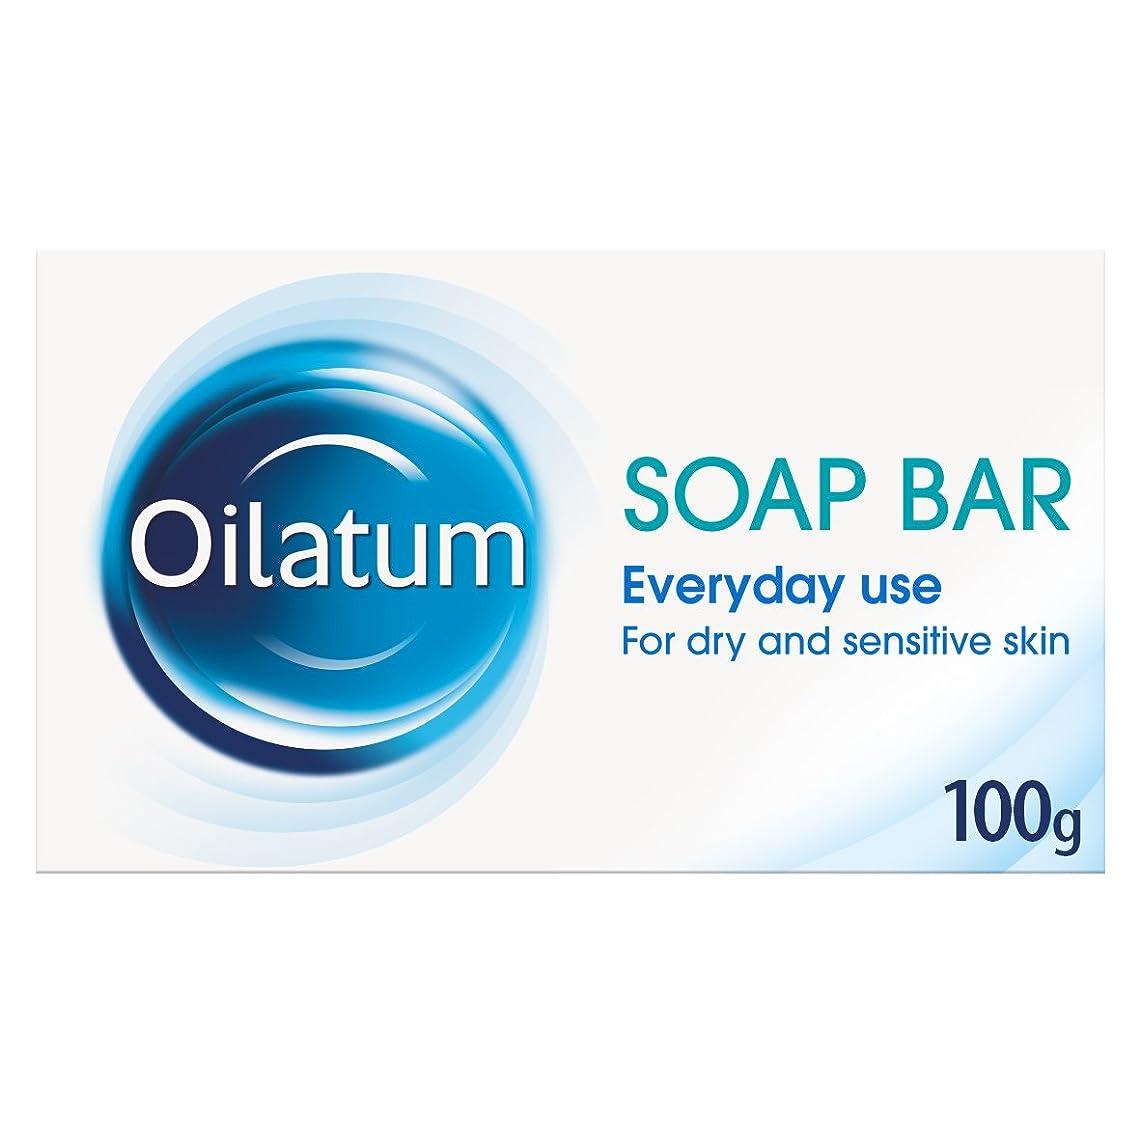 失われた手がかりクラシックOilatum 100g Soap Bar for Dry Skin